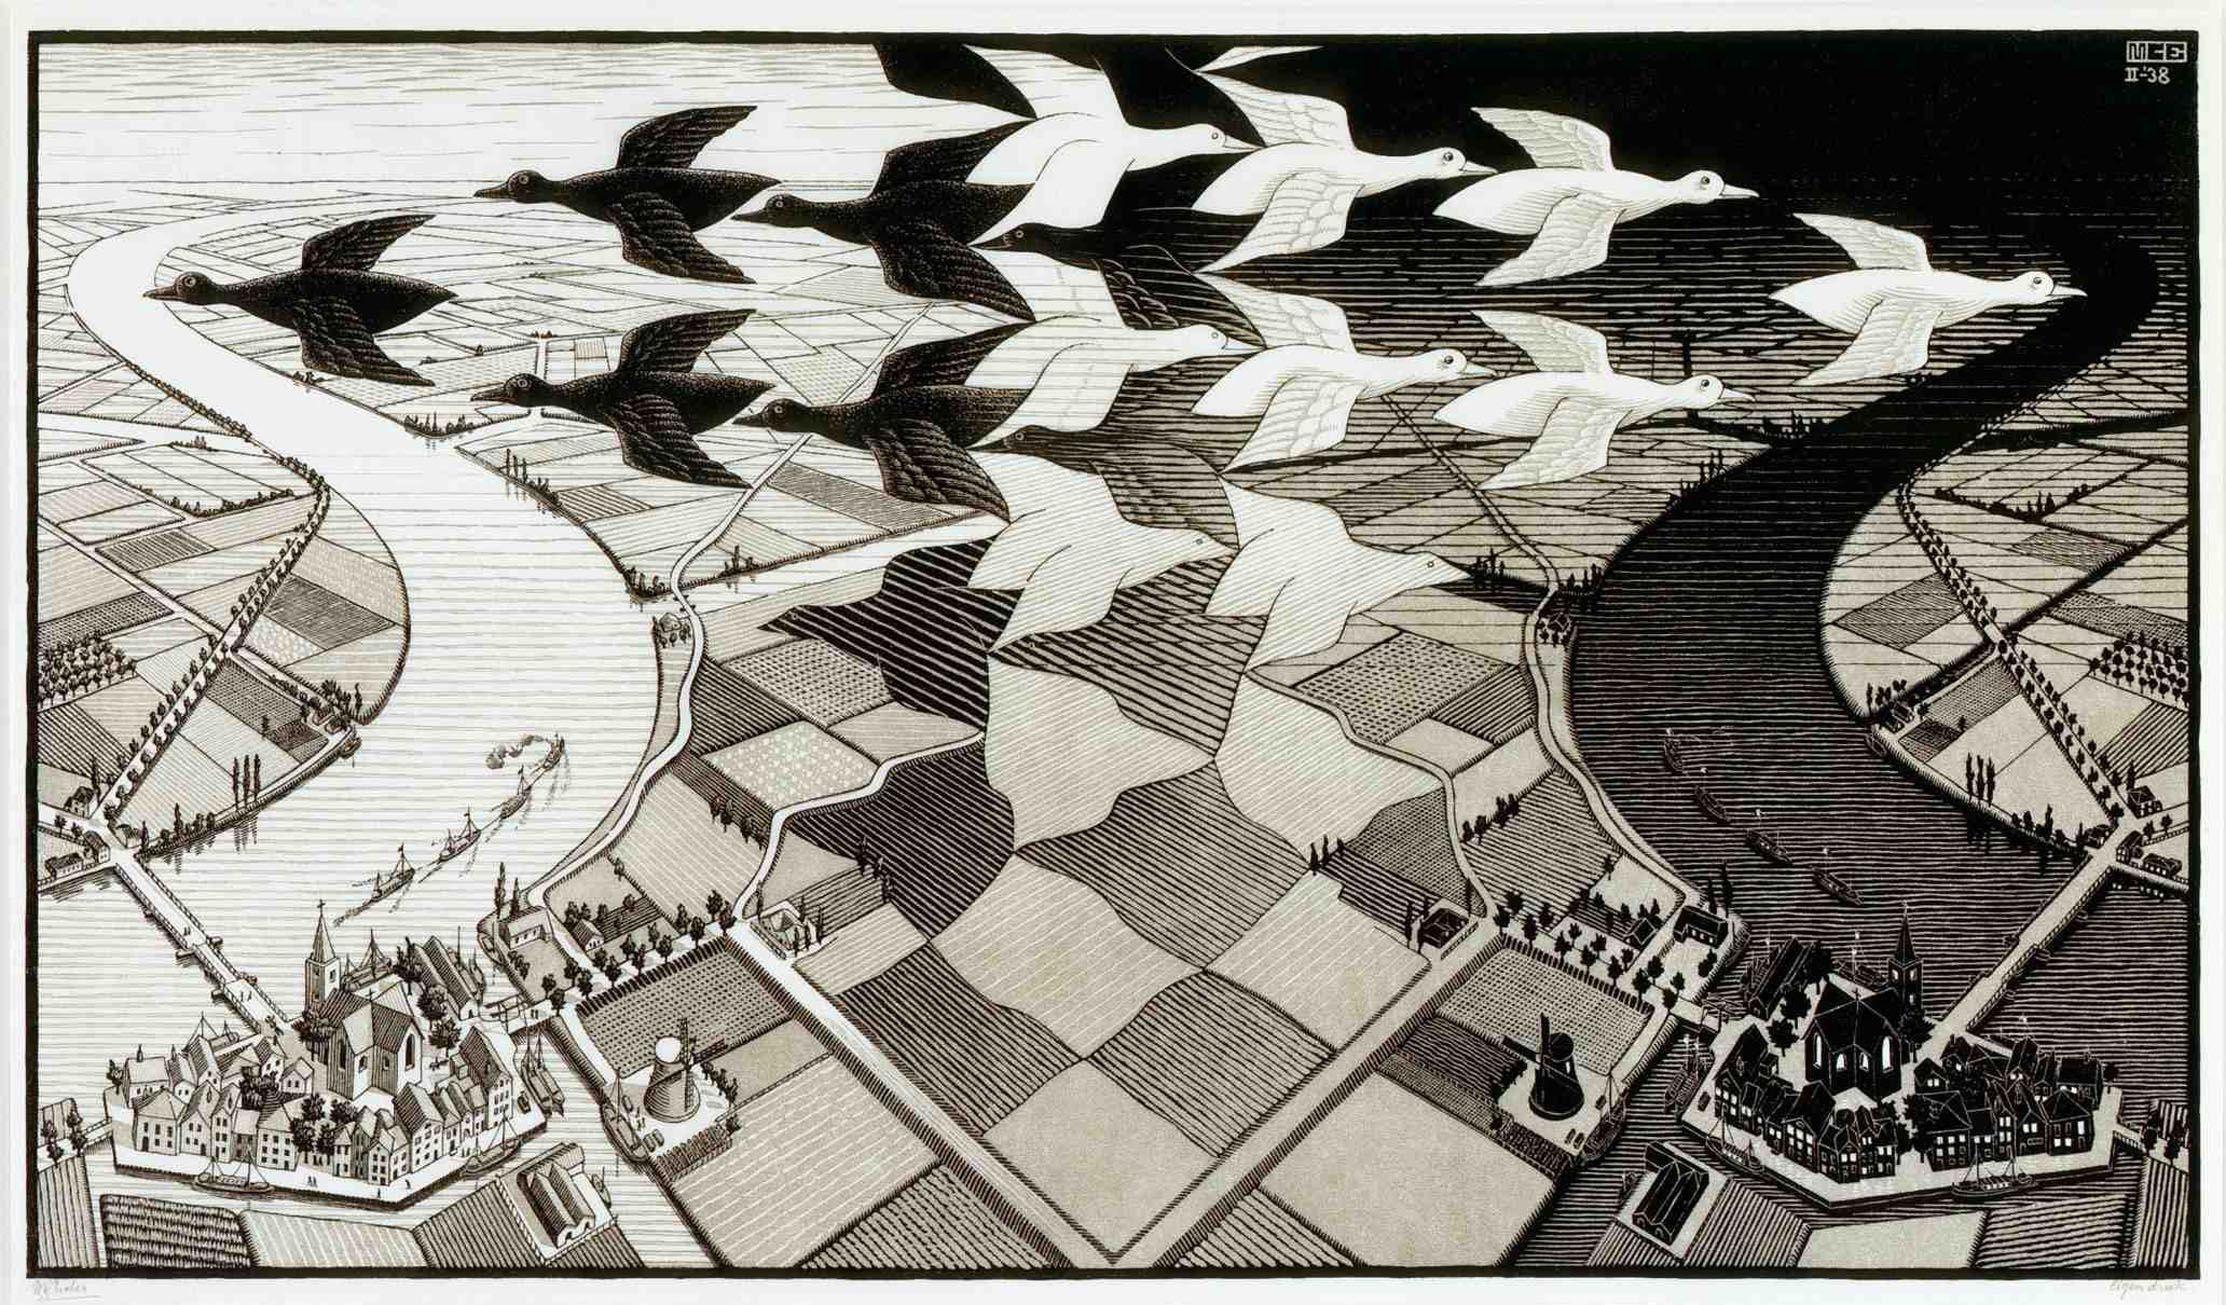 Mc Escher Wallpaper Hd Backgrounds 4 Full | Wallpaperiz.